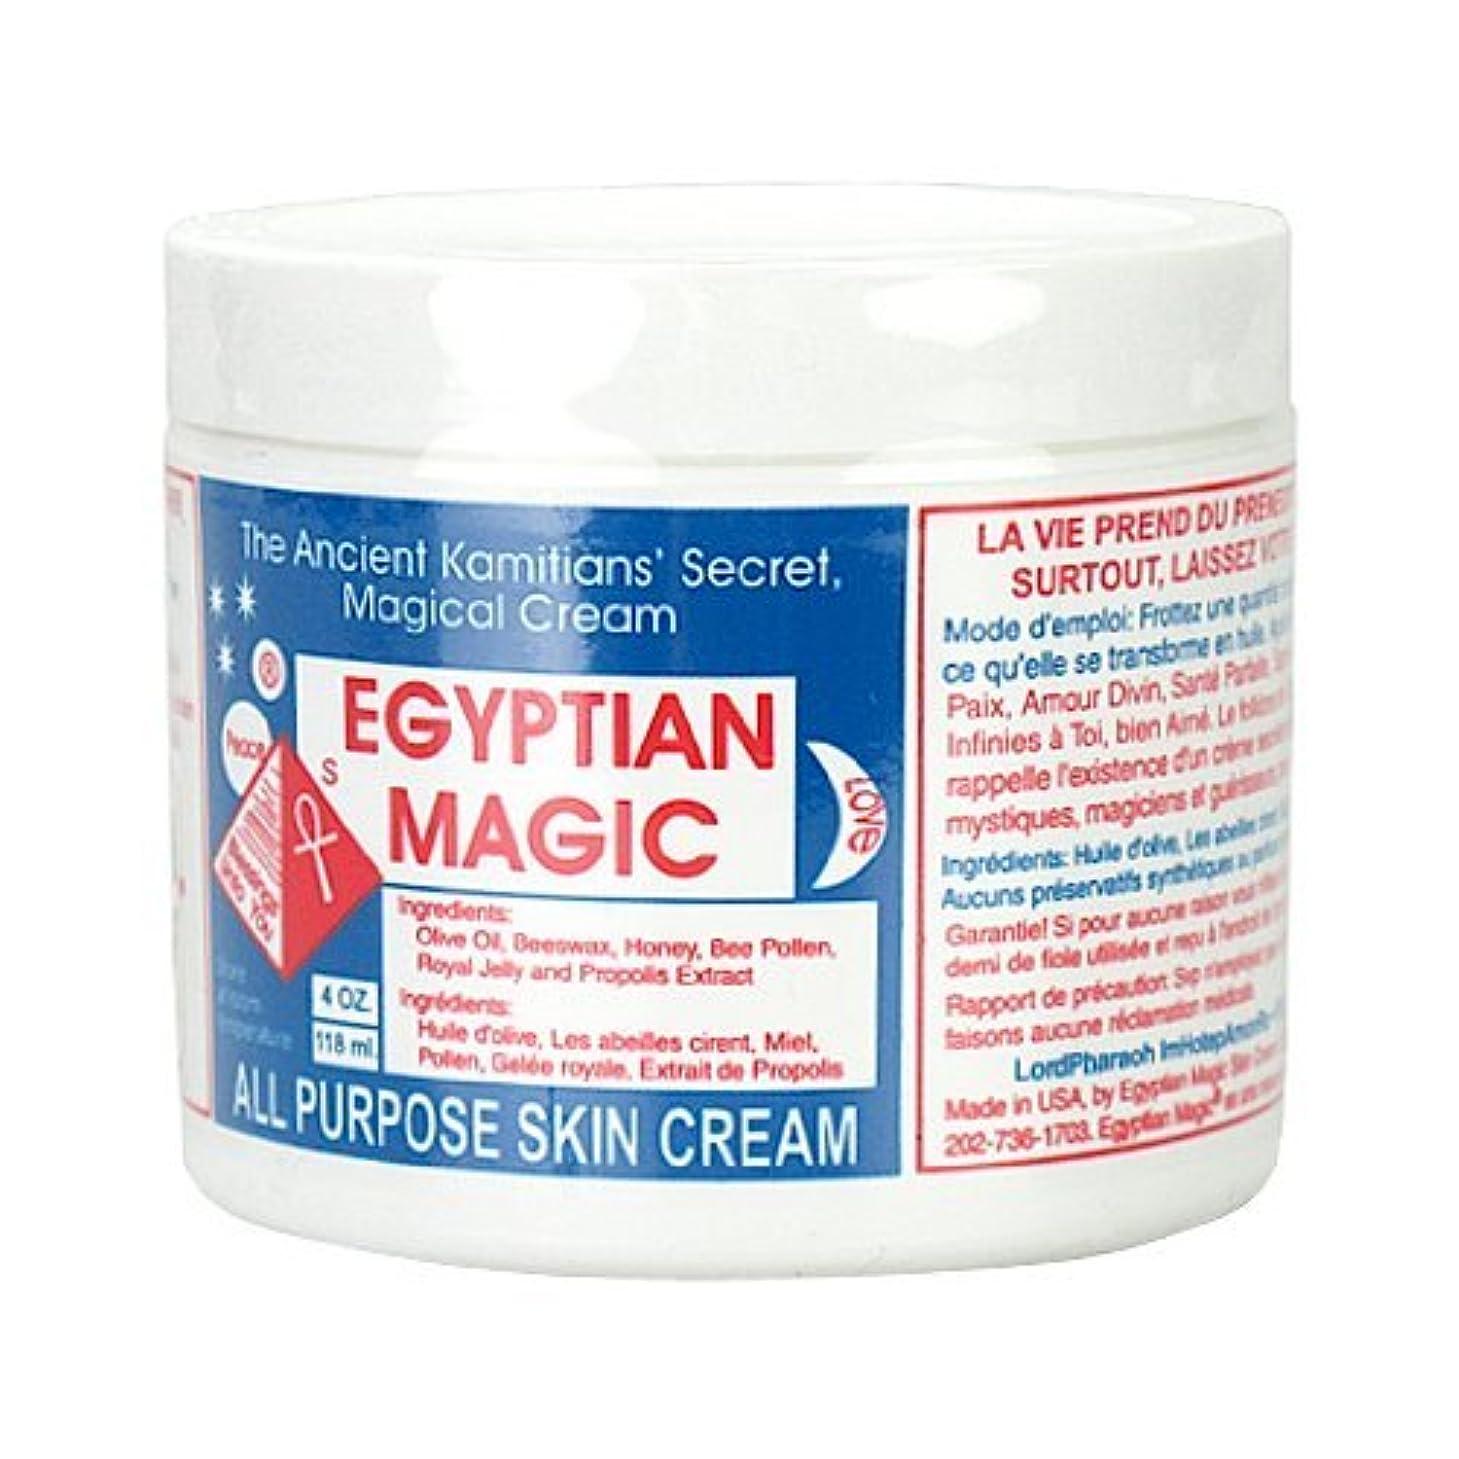 作成する成功する成功するエジプシャンマジック EGYPTIAN MAGIC エジプシャン マジック クリーム 118ml 保湿クリーム